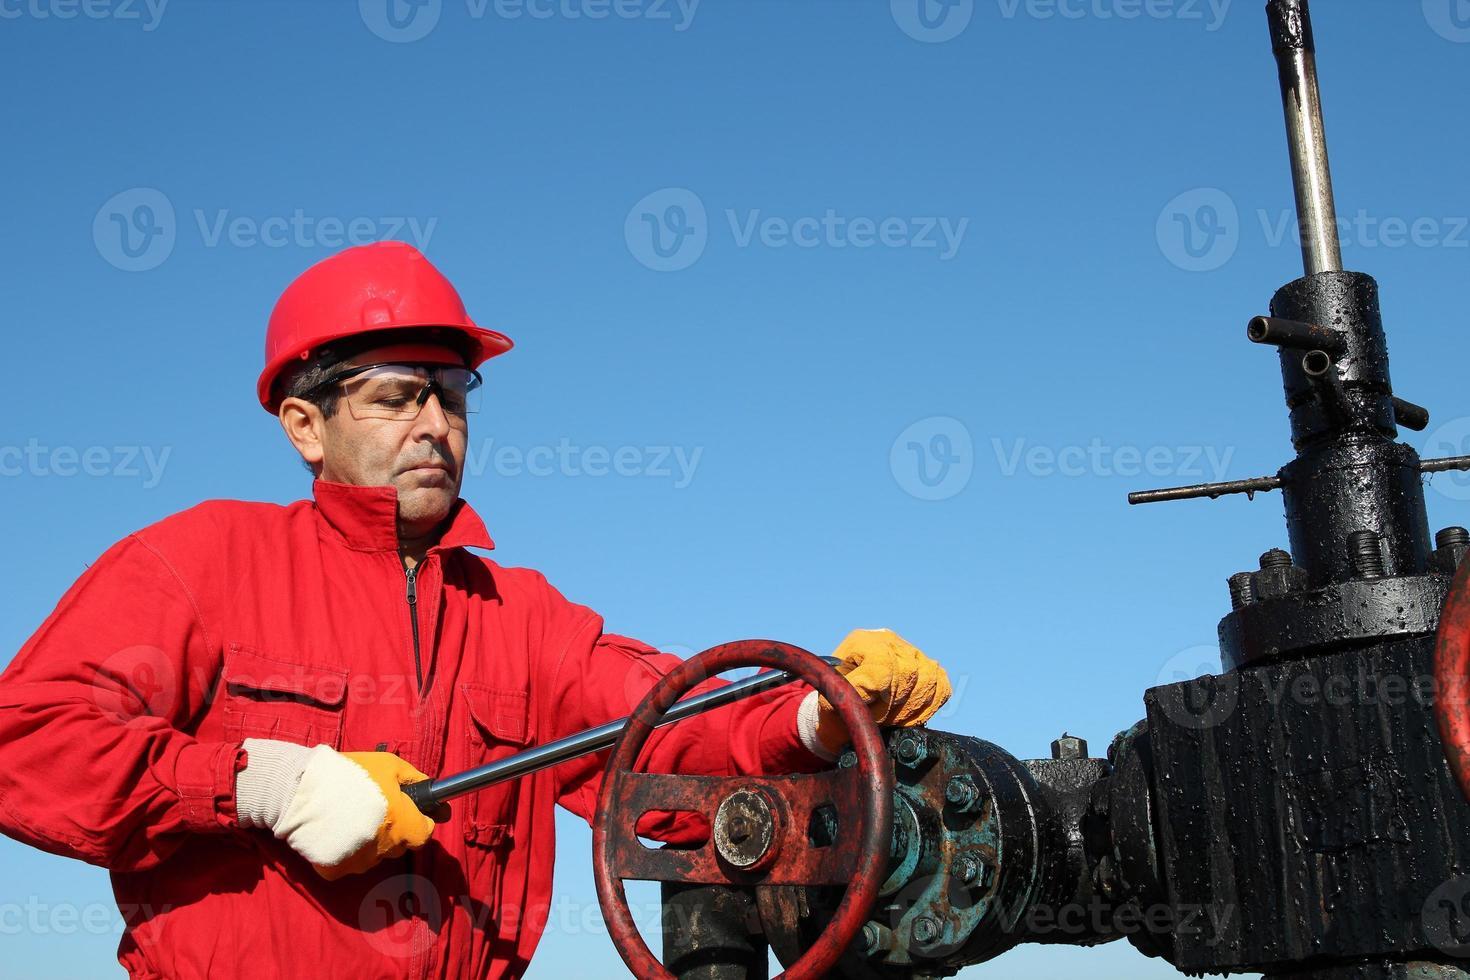 tecnico della valvola della piattaforma petrolifera al lavoro foto